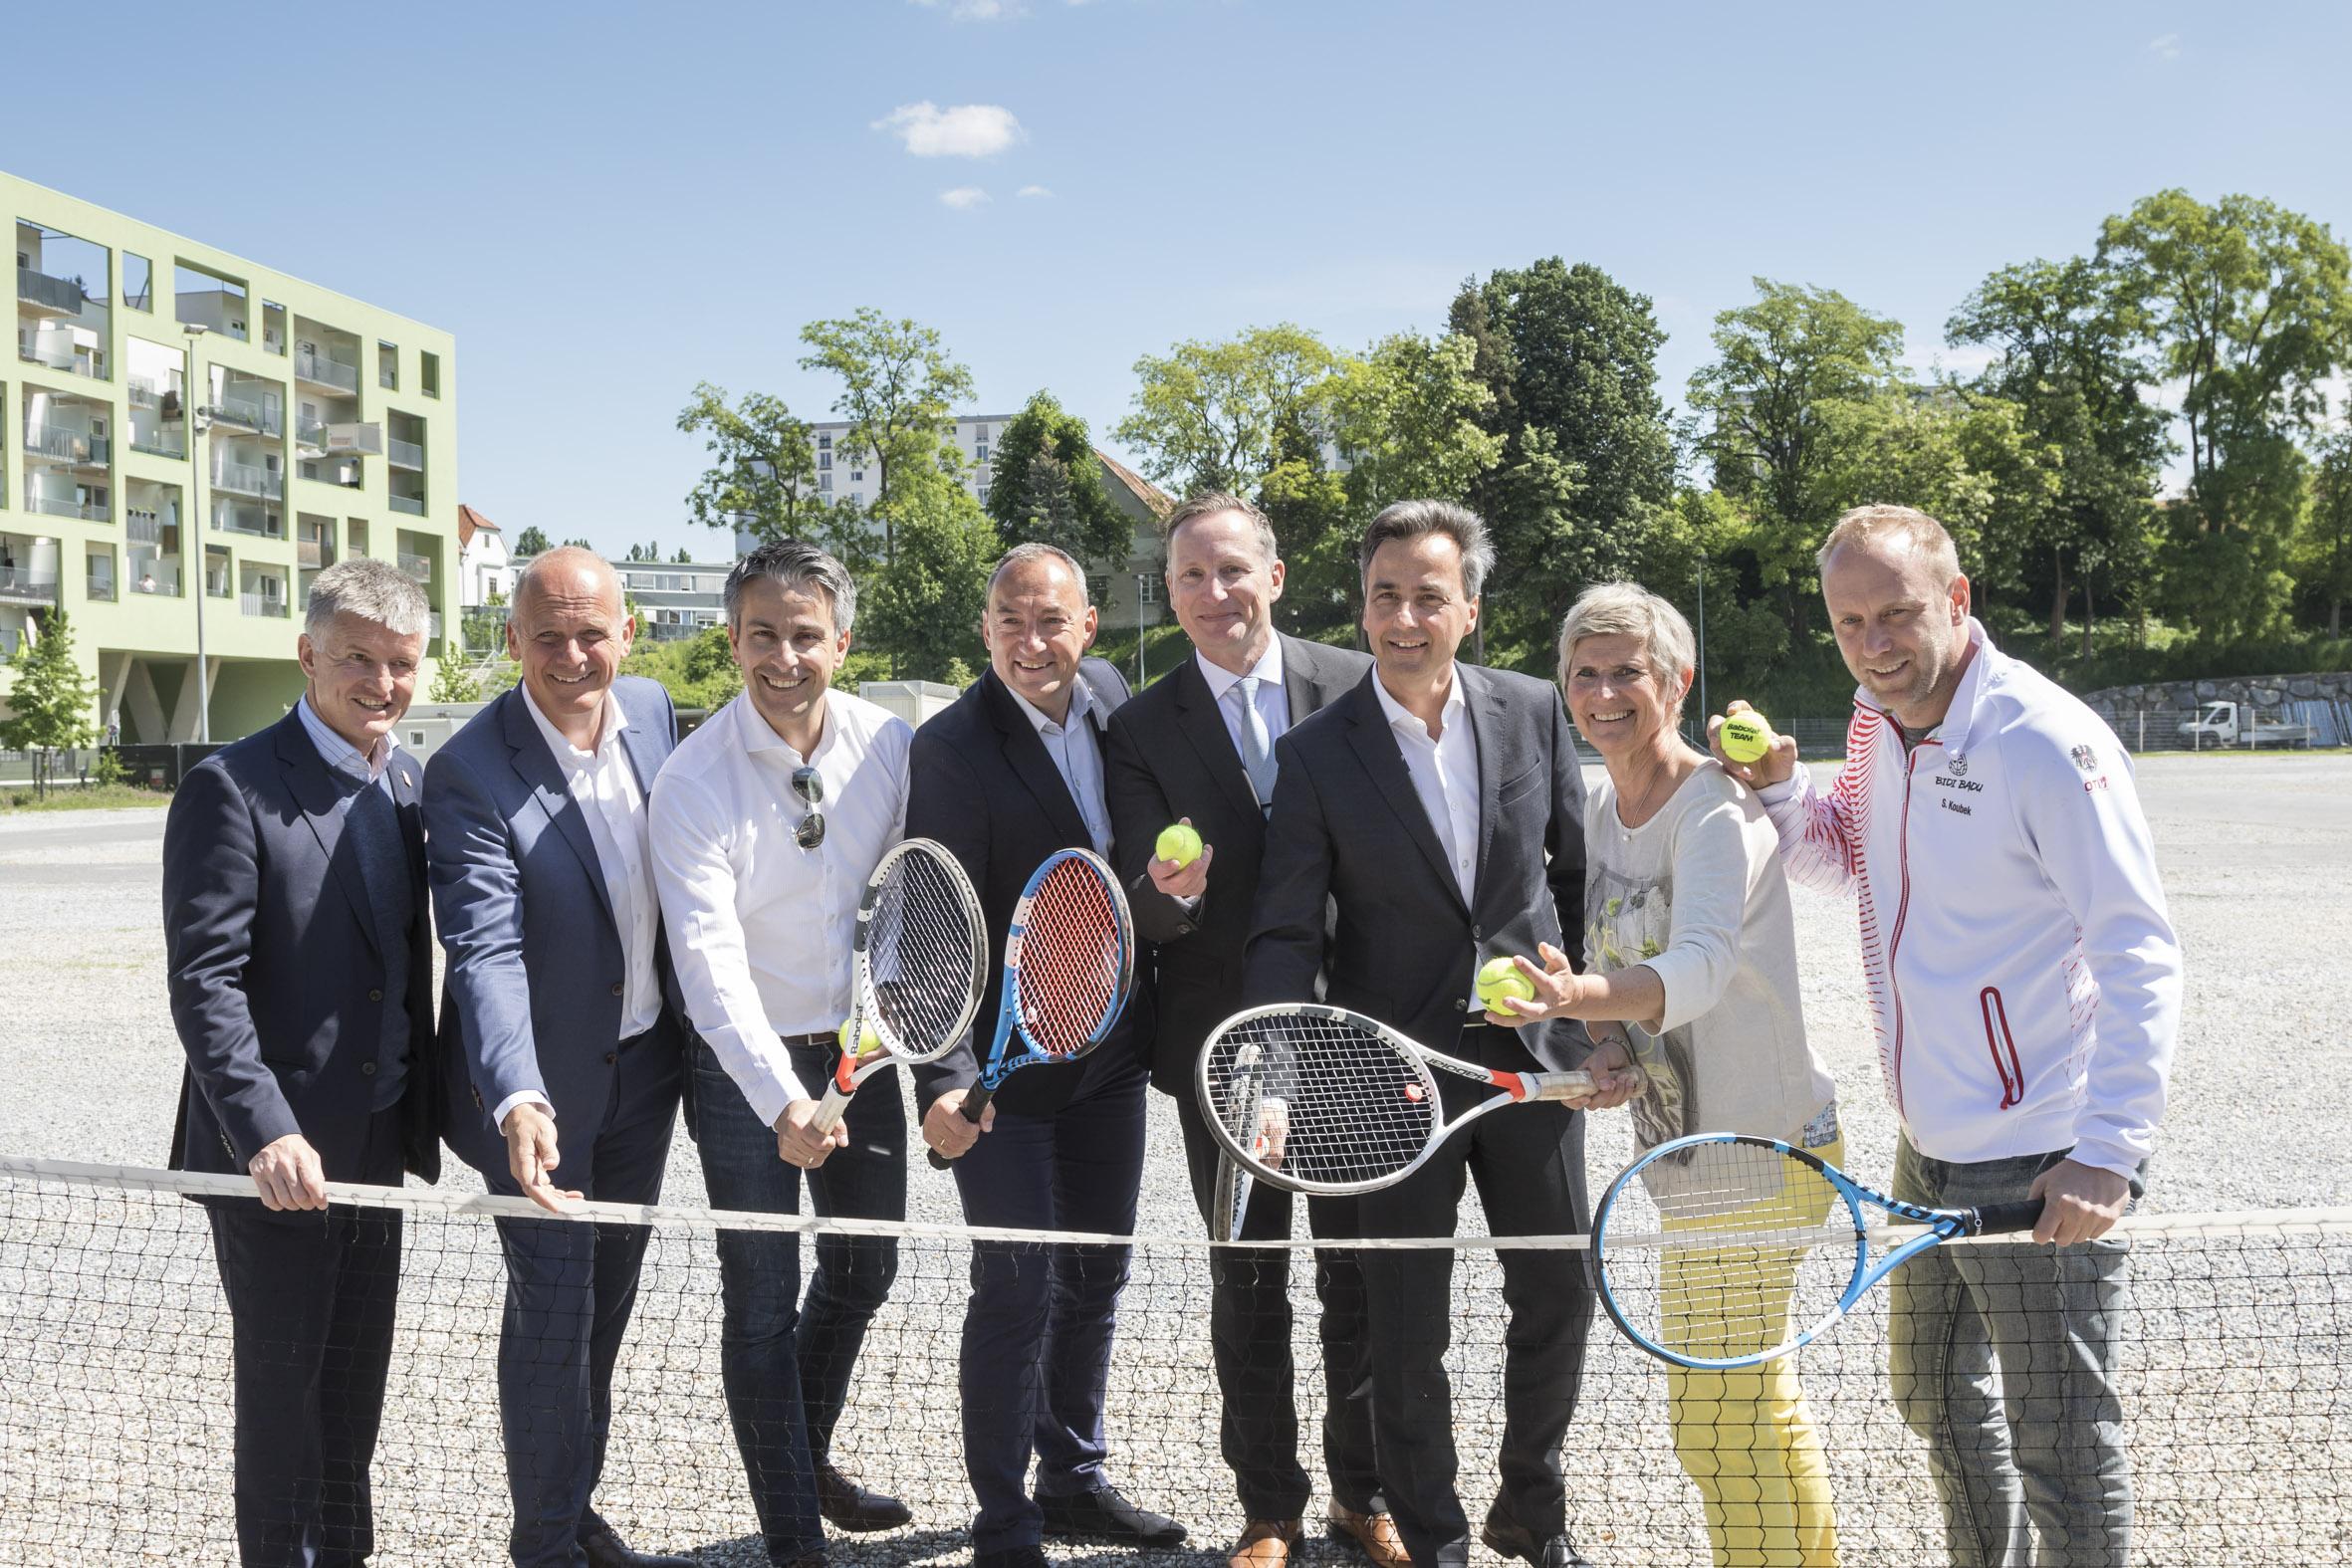 Freuen Sich Dass Der Tennis Daviscup Im Herbst In Graz Stattfindet Thomas Schweda